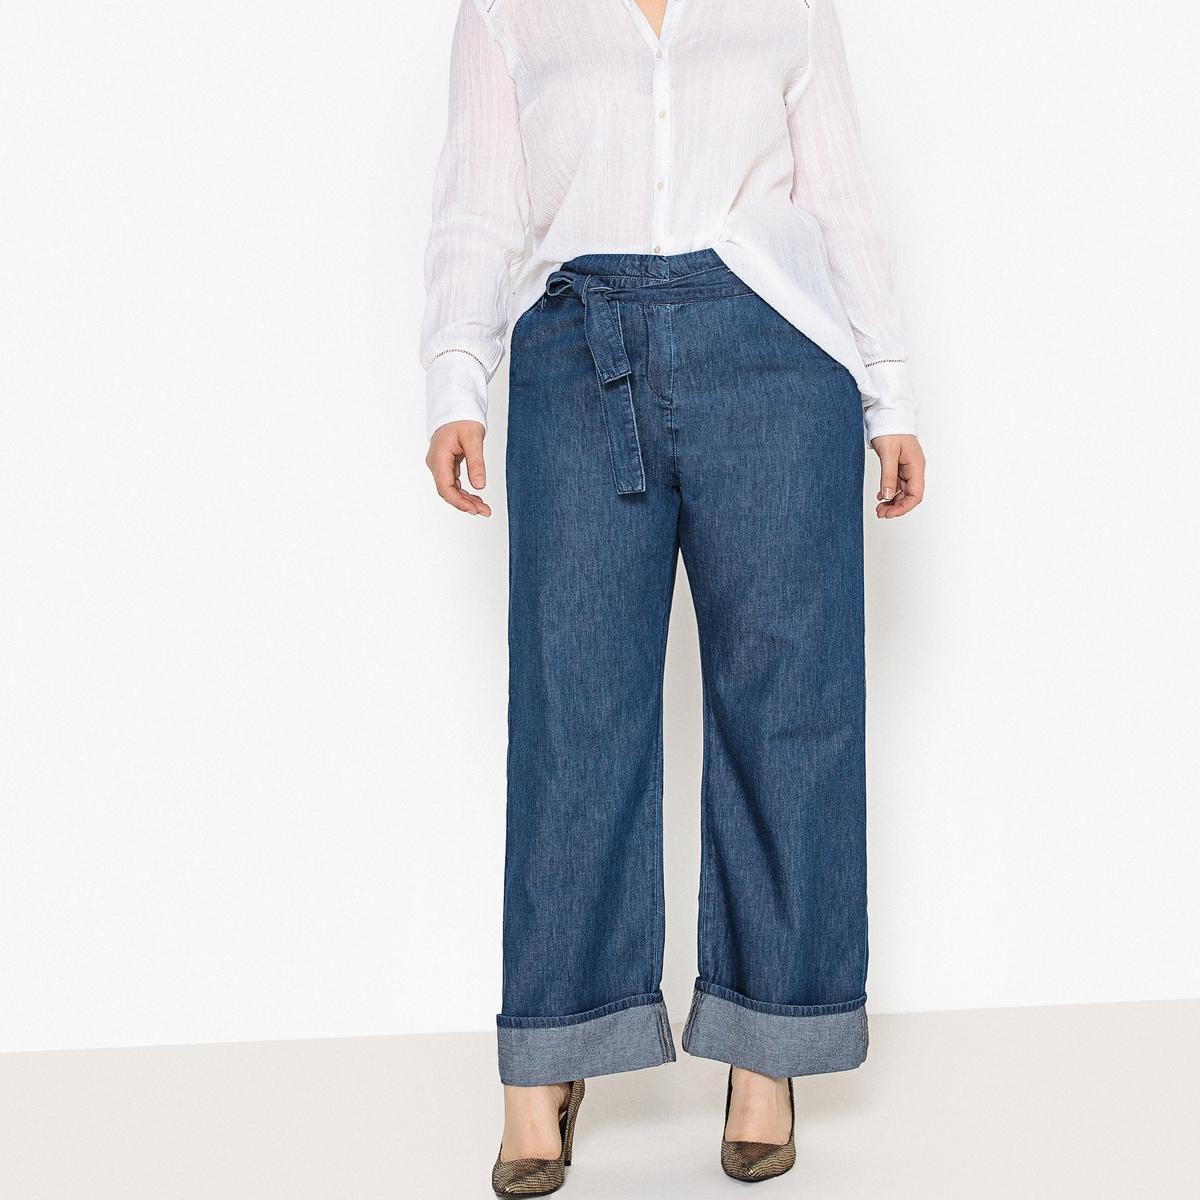 Jeans regular direitos, cintura subida